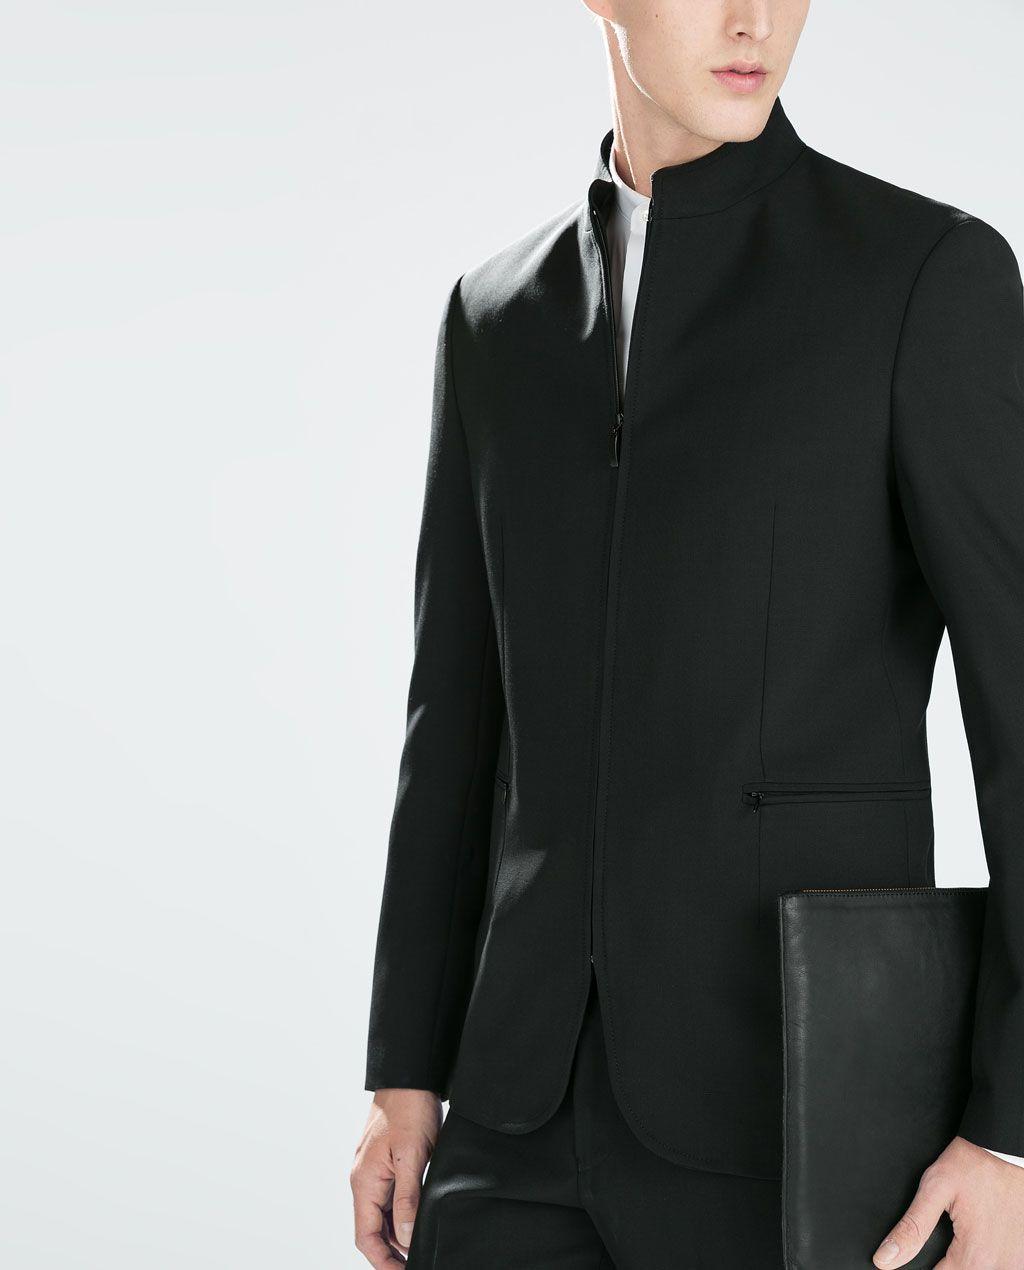 image 1 de blazer col mao avec fermeture clair de zara mode homme pinterest col mao. Black Bedroom Furniture Sets. Home Design Ideas